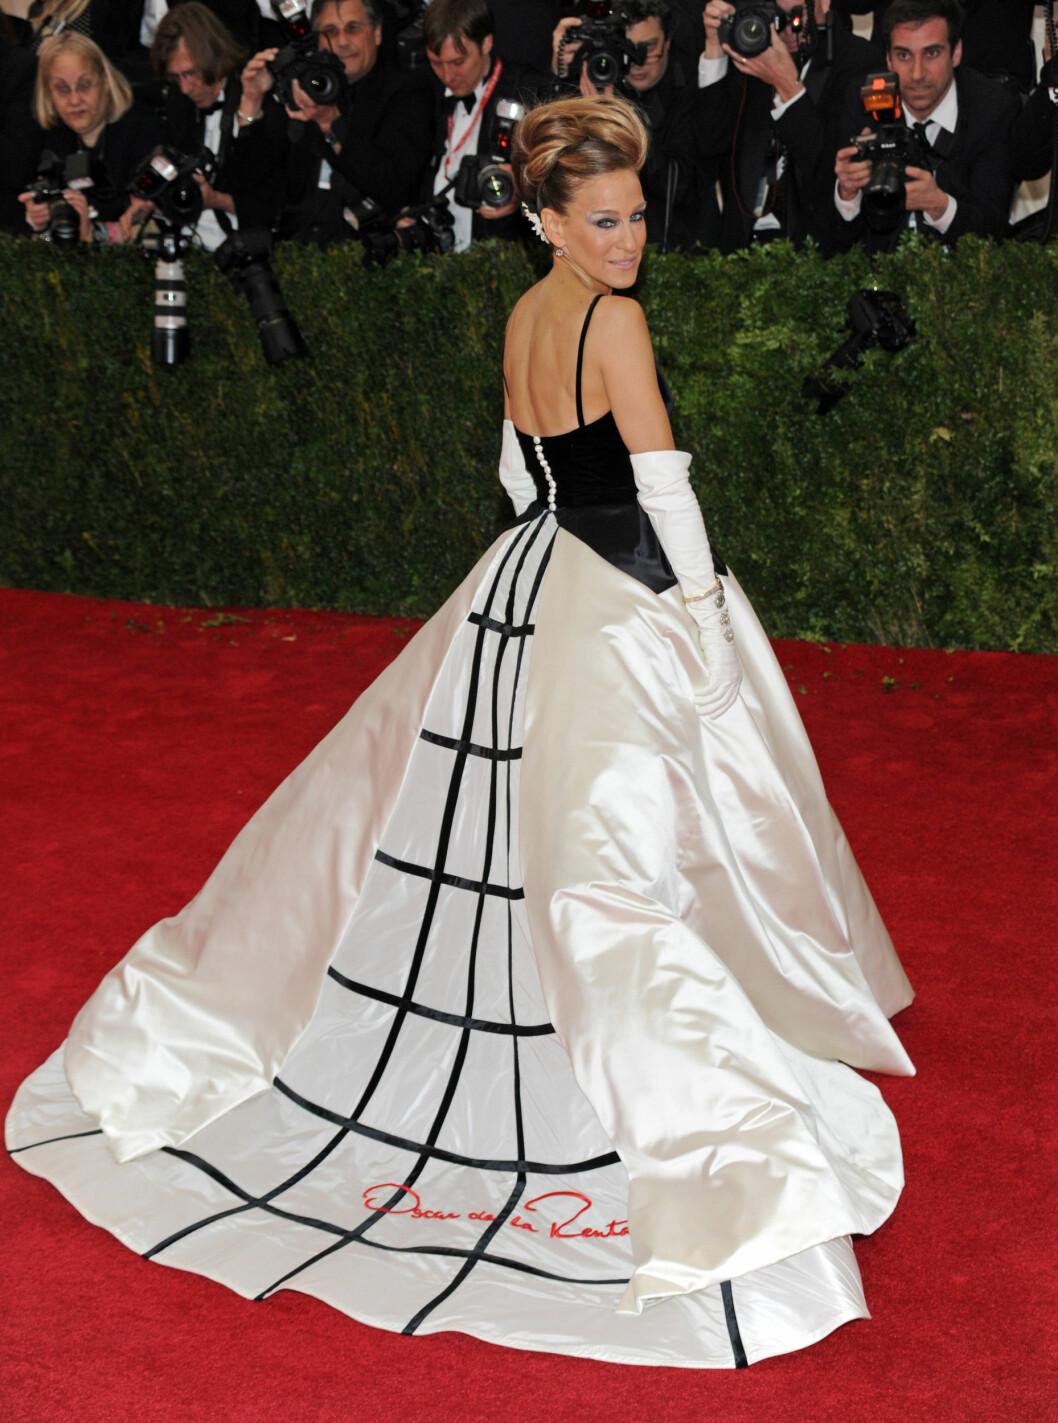 EN DRØM PÅ RØD LØPER: Skuespiller Sarah Jessica Parker i Oscar De la Renta-kjole på the Met Gala i mai i år.  Foto: insight media/All Over Press